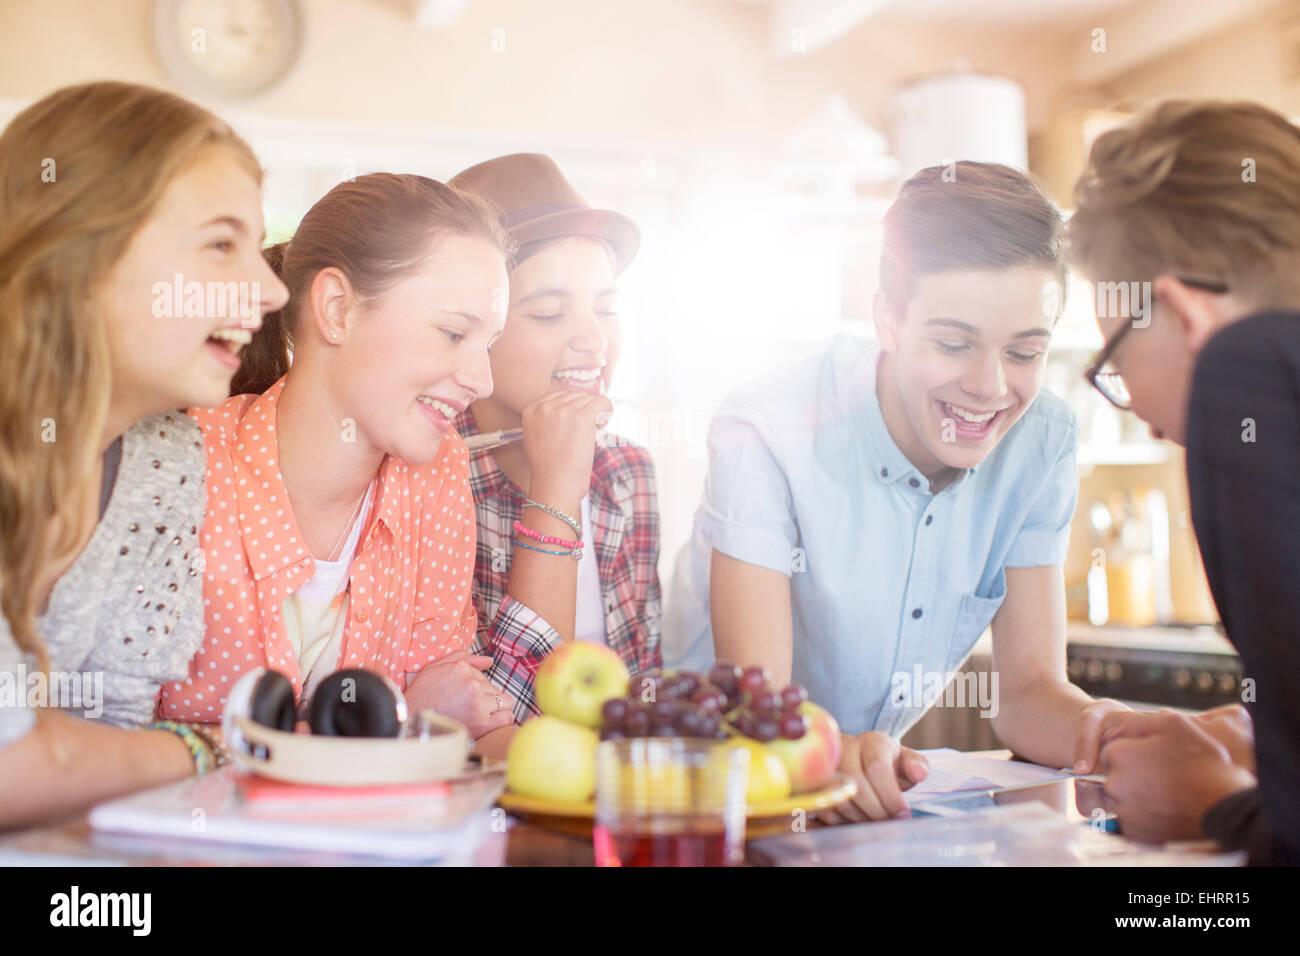 Un gruppo di ragazzi sorridenti riuniti intorno al tavolo nella sala da pranzo Immagini Stock